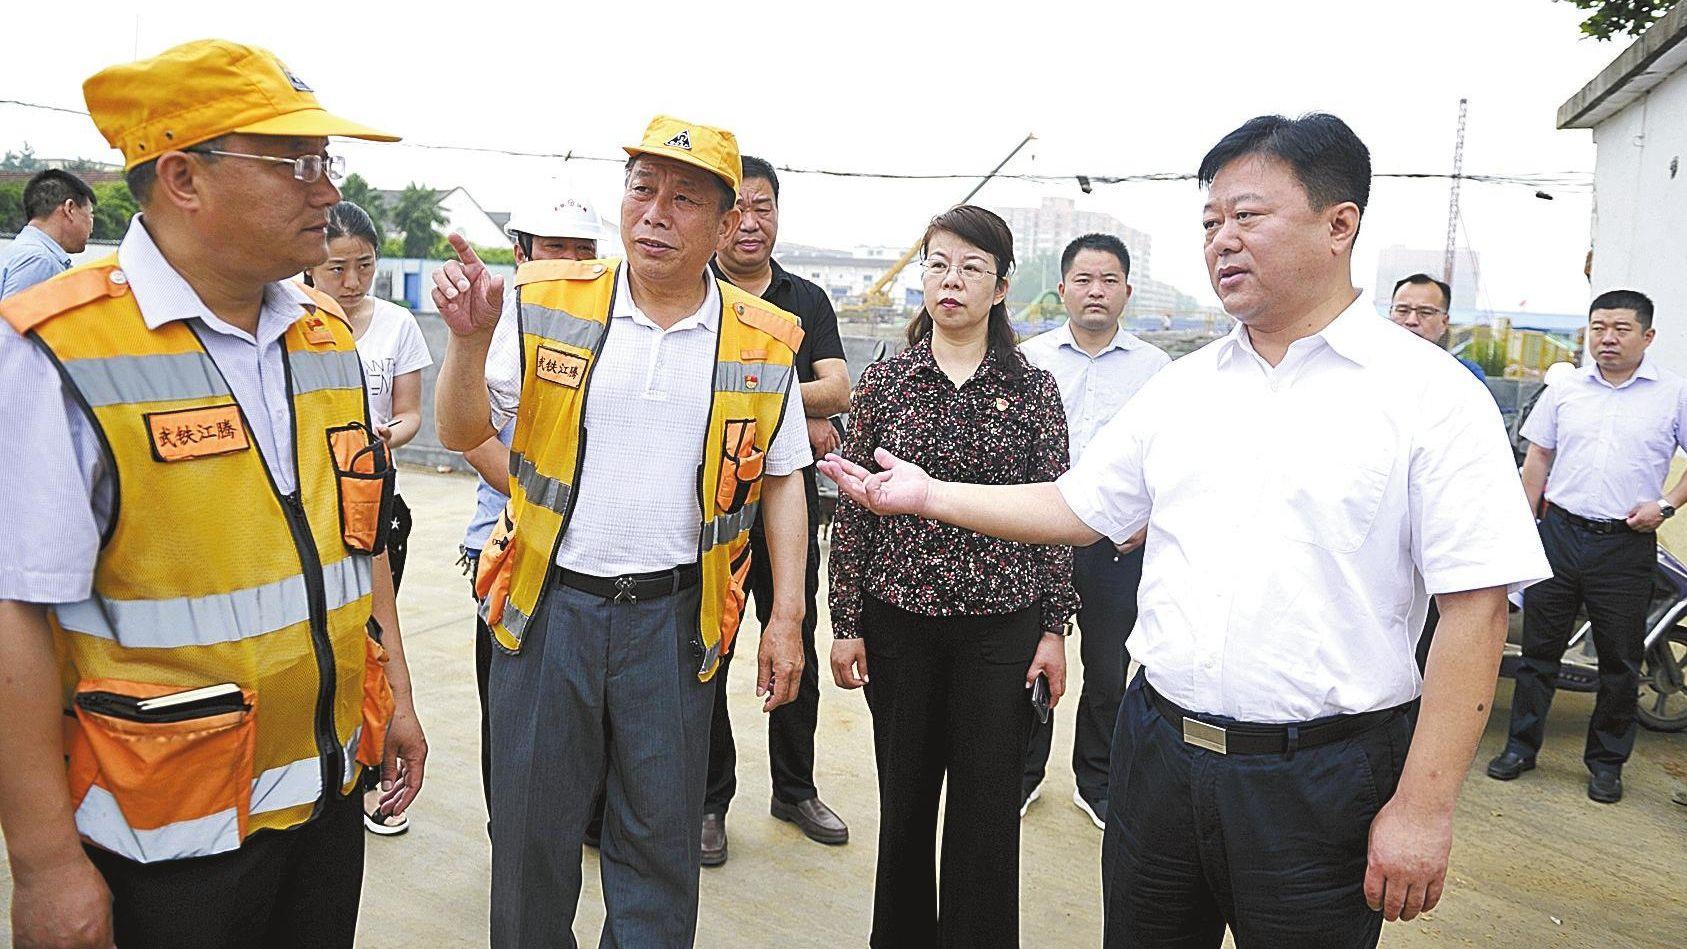 陈星深入中心城区六个功能片区集中调研项目建设交办任务事项